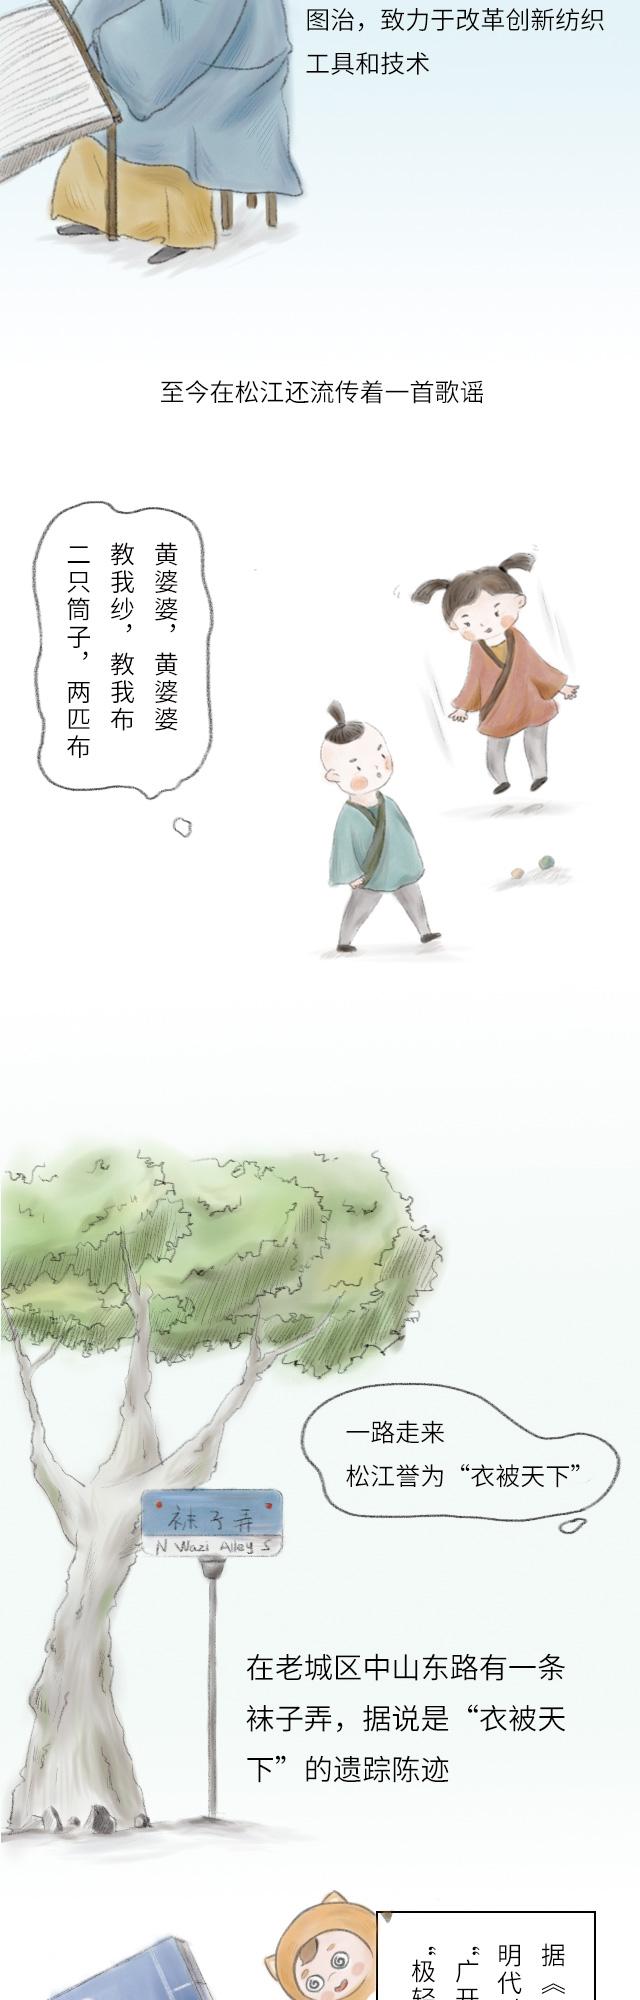 魔都松江前世今生